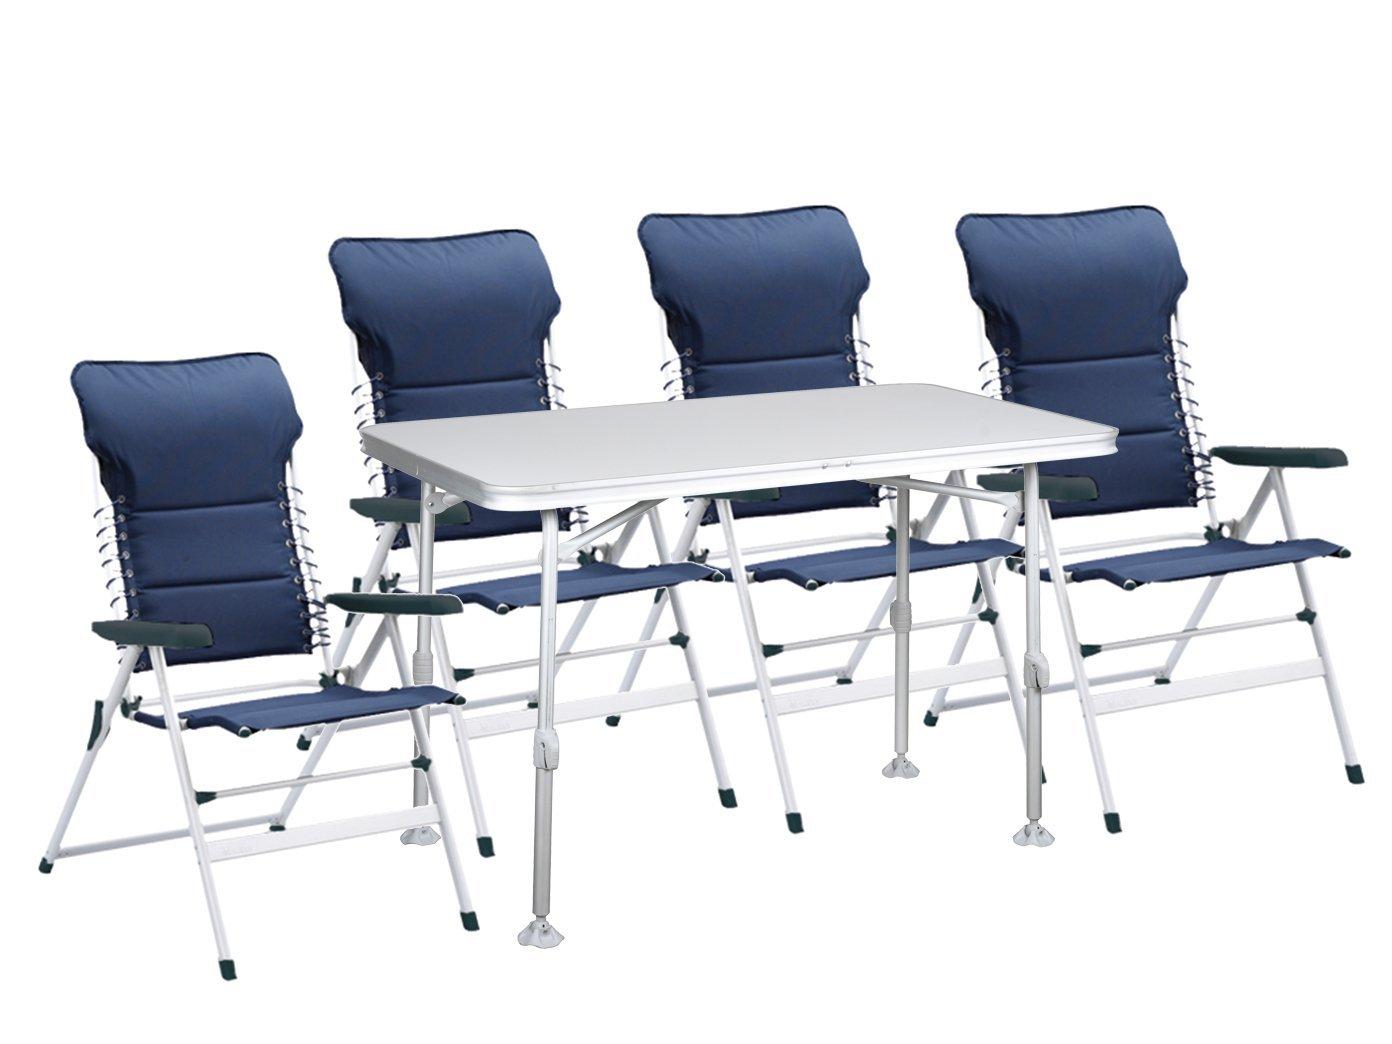 5tlg. Sitzgruppe Essgruppe für Garten und Camping, Tisch 115 x 70 x 75/55 cm; CH-0592 TA-0860